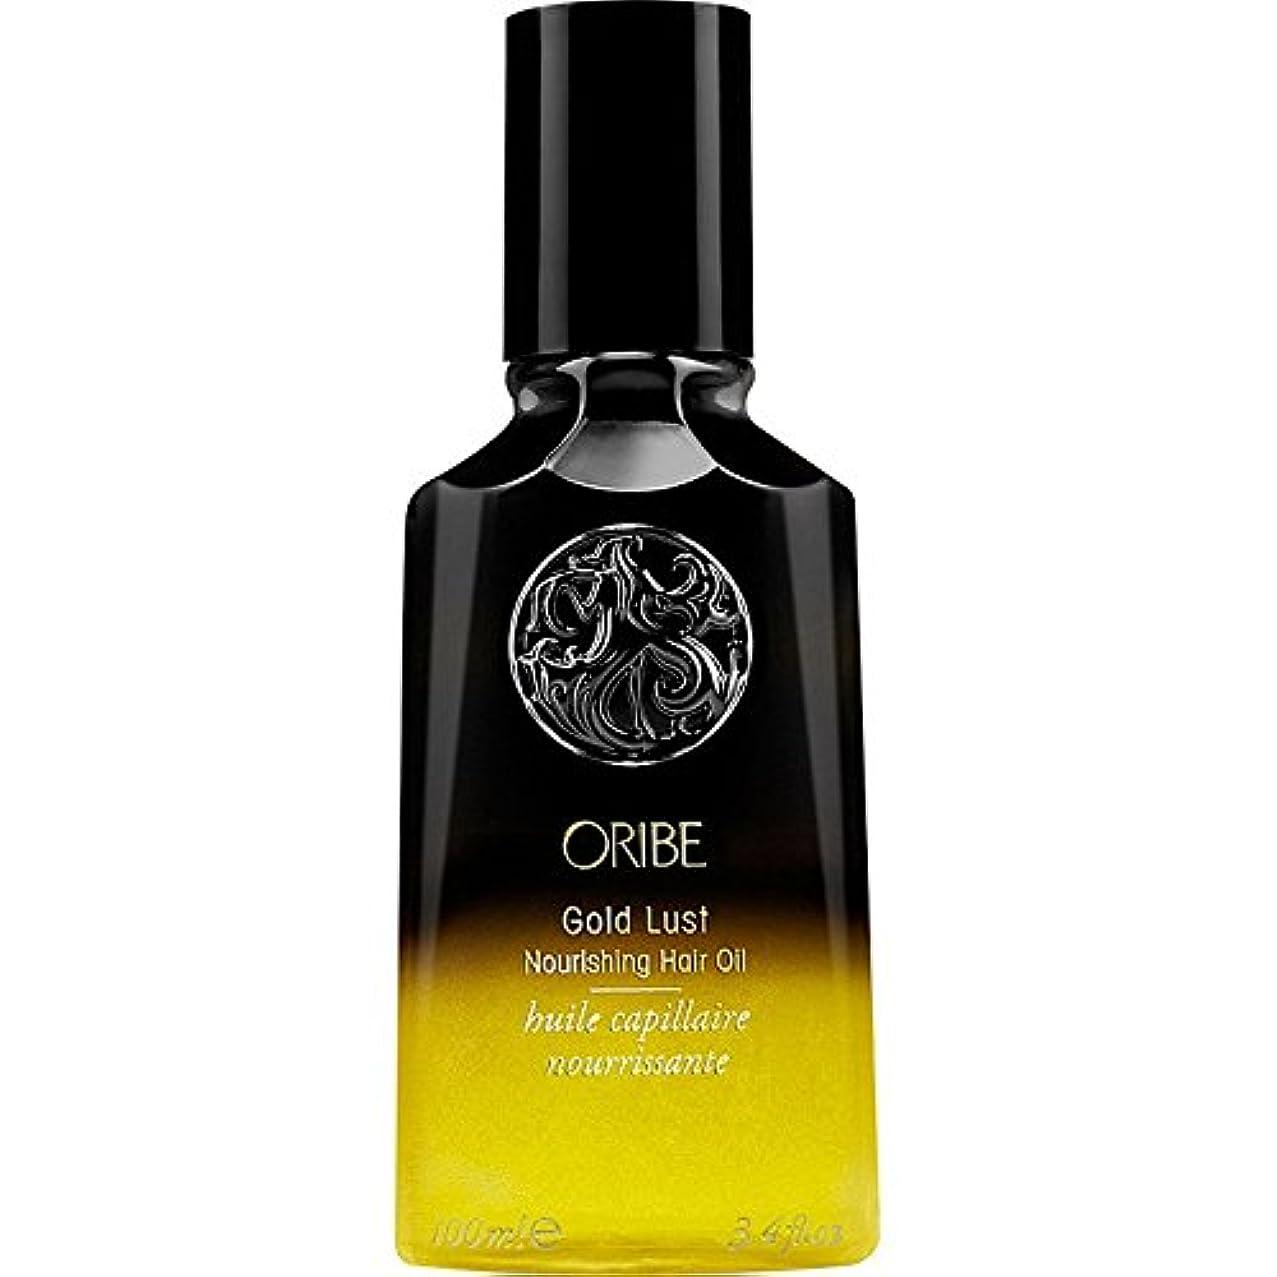 プレビュー連帯呼び出すOribe Gold Lust Nourishing Hair Oil (オリべ ゴールド ラスト ナーリッシング ヘアー オイル) 3.4 oz (100ml)